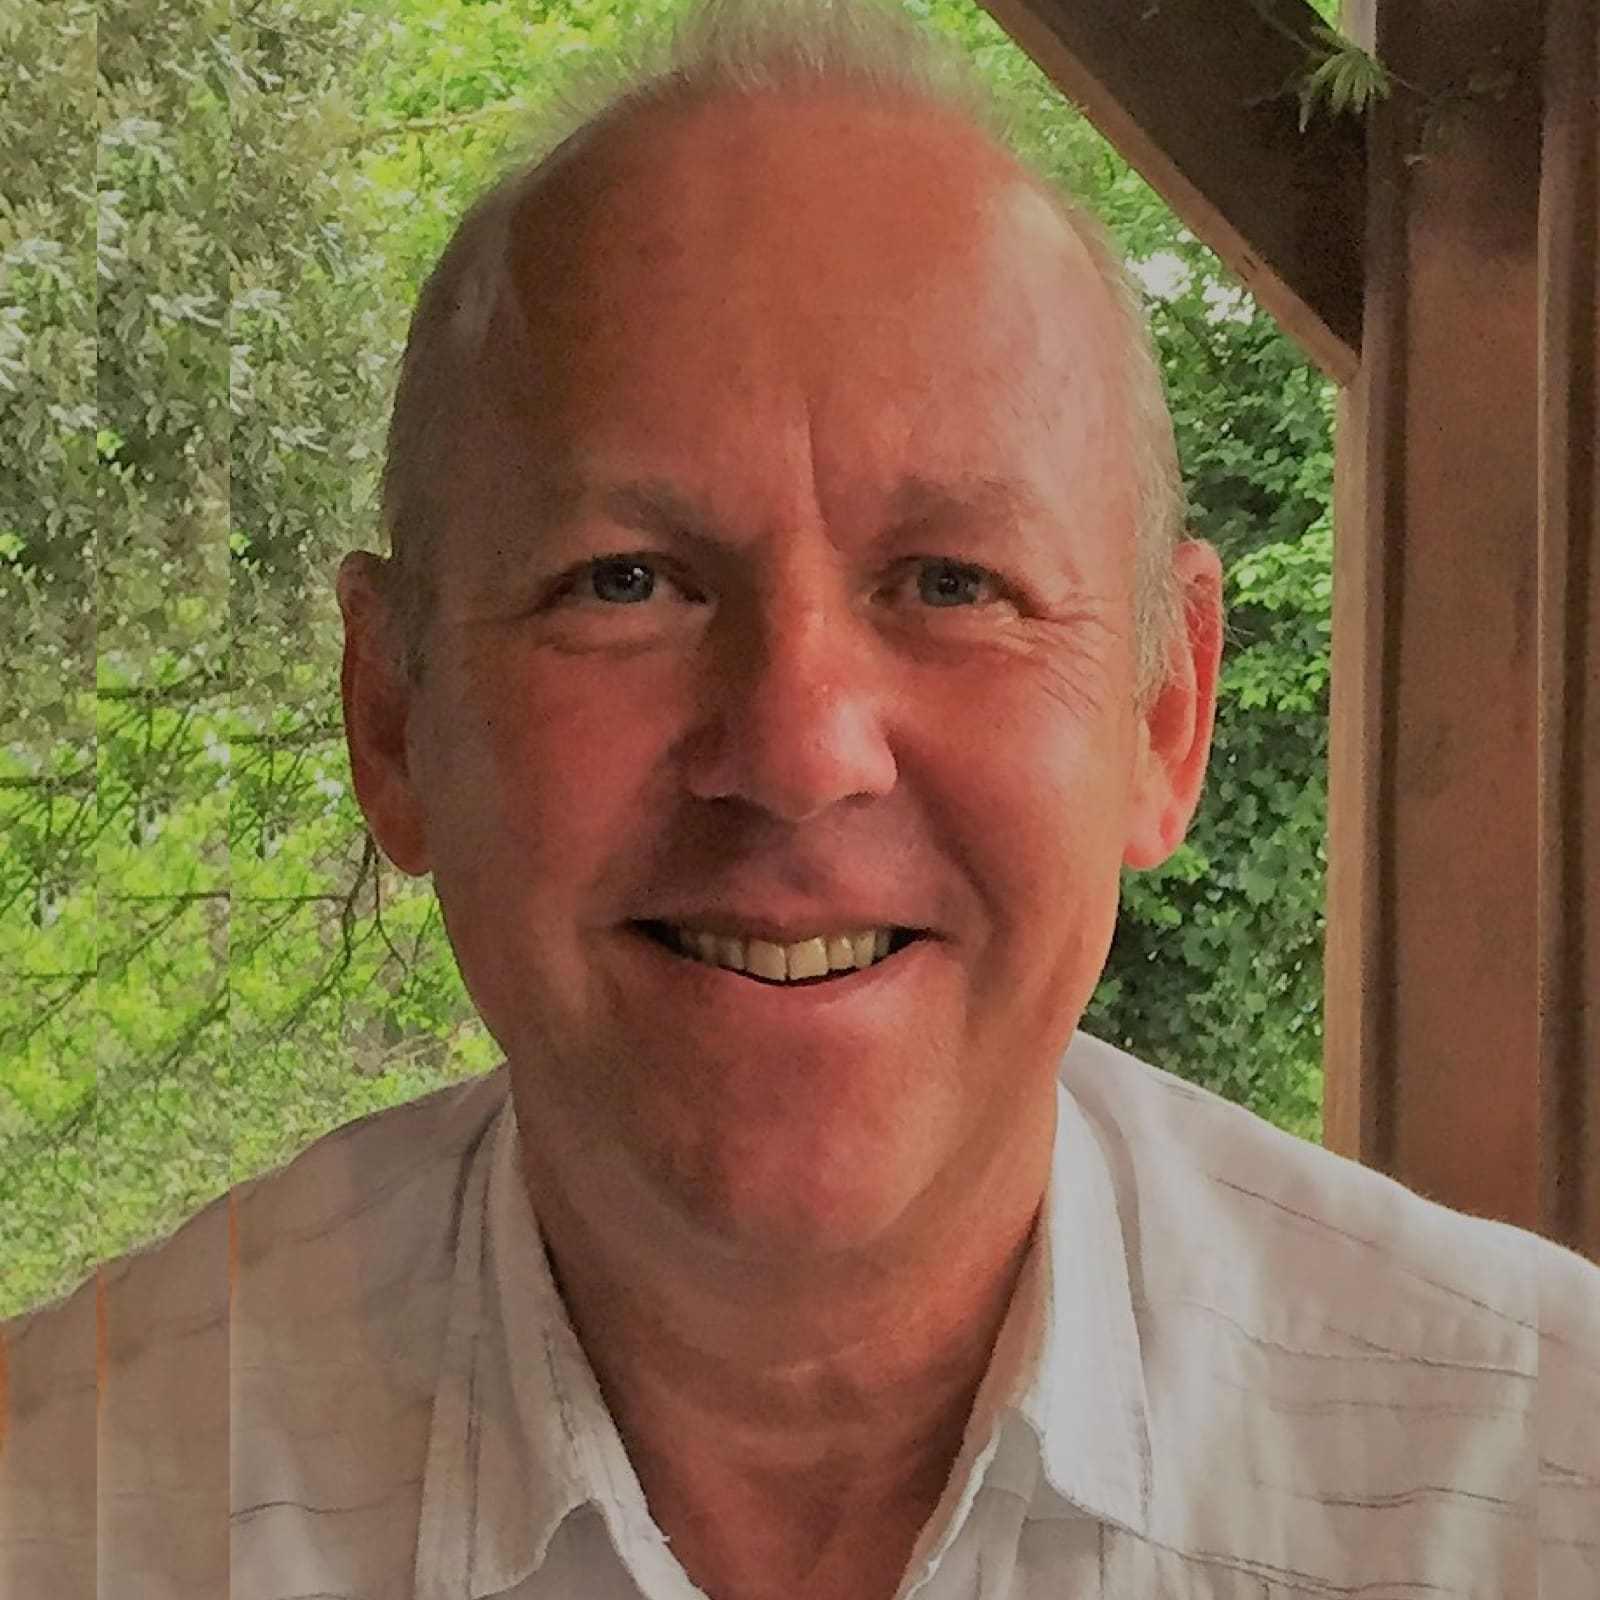 Jan Gijsman - Directeur in Alphen aan de Rijn